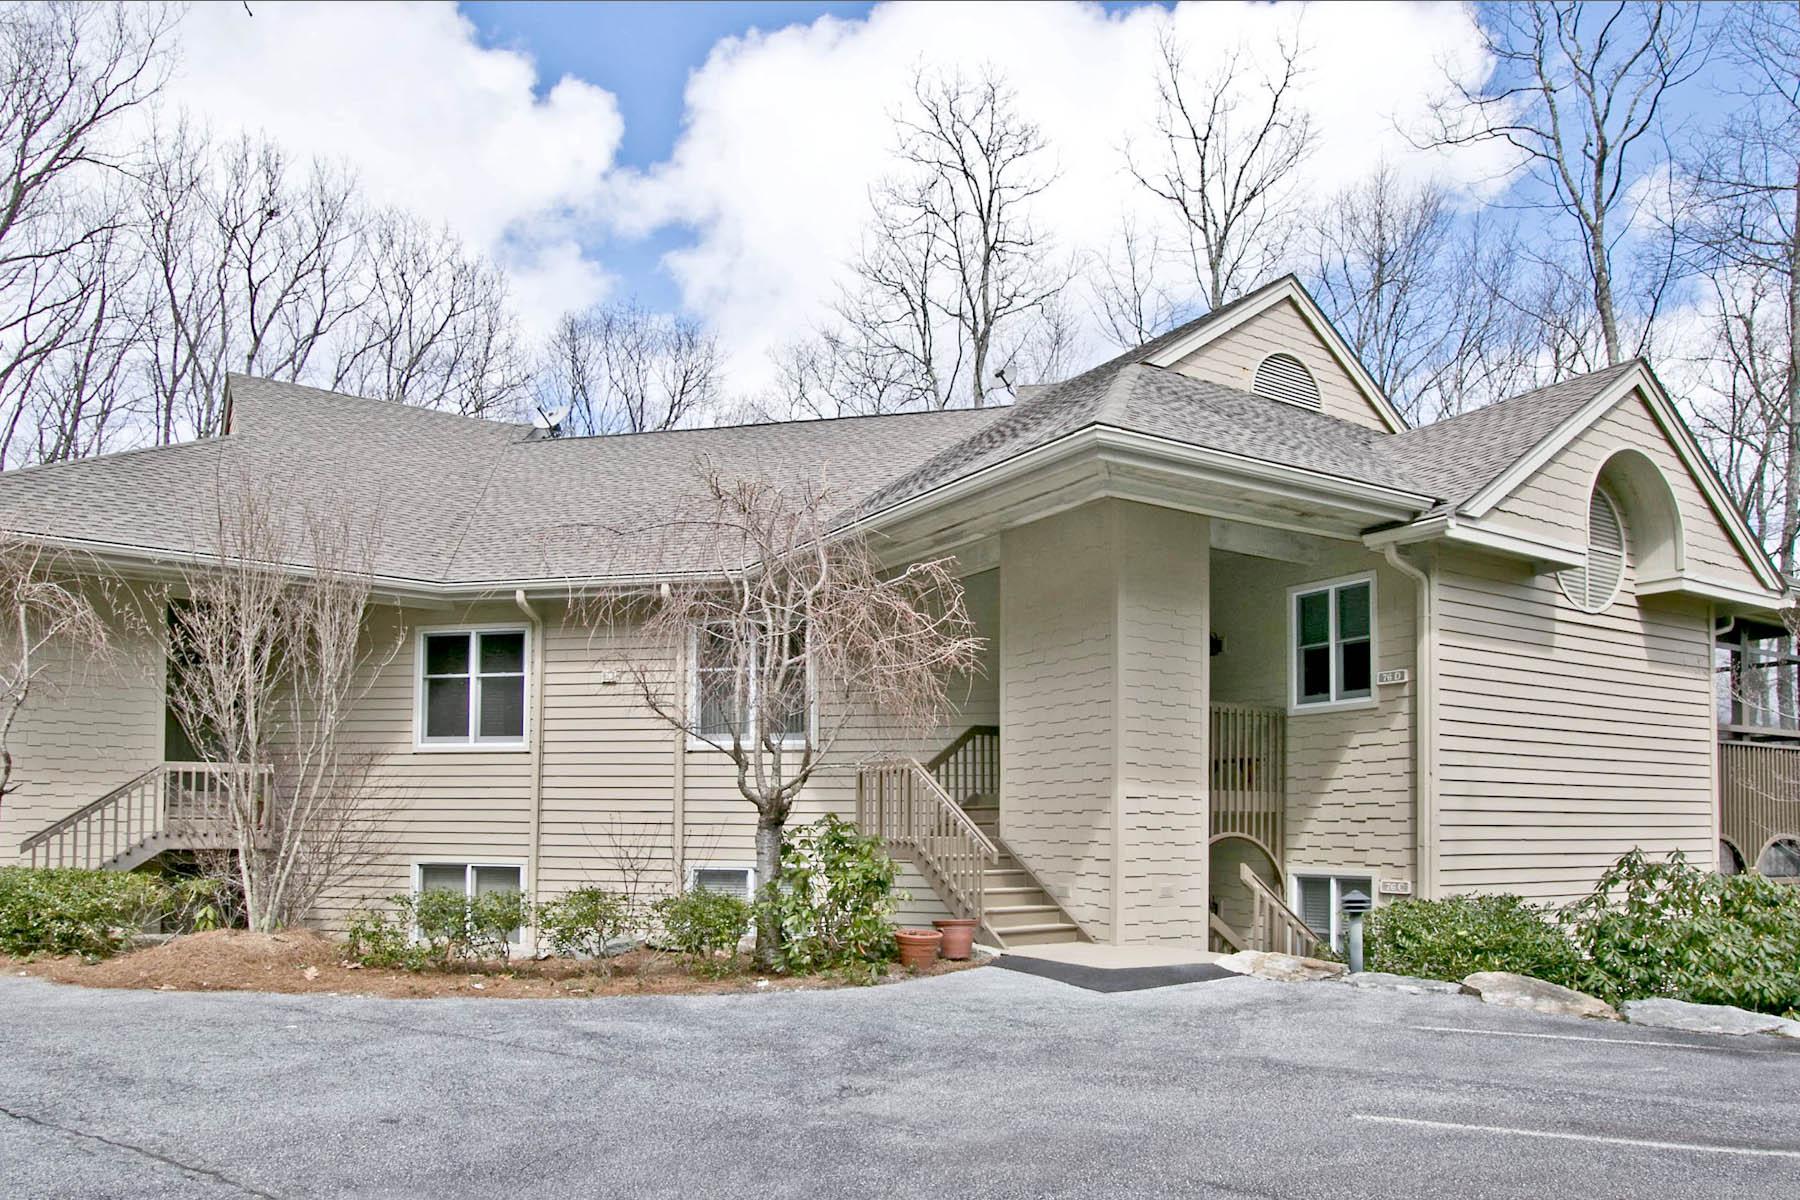 Condominium for Sale at 76C Sanctuary Drive Highlands, North Carolina, 28741 United States